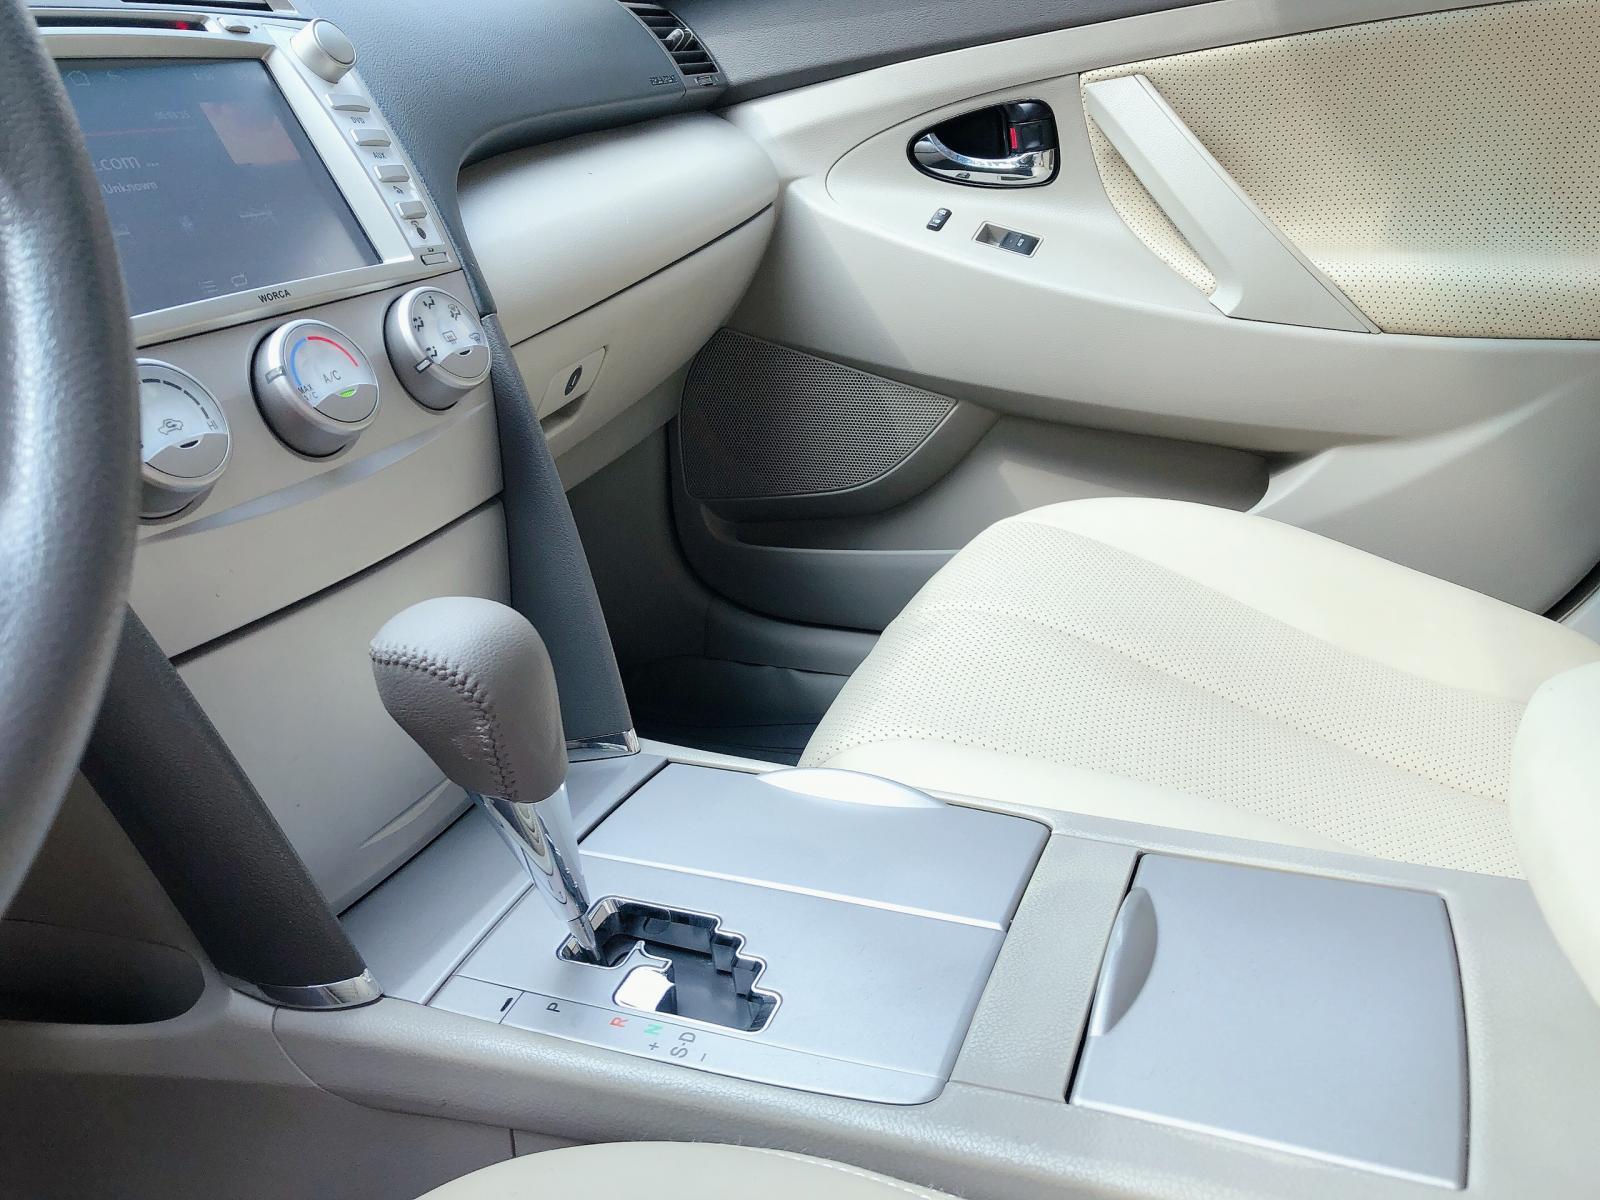 Toyota Camry LE sản xuất 2009 model 2010, màu đen, xe nhập khẩu Mỹ